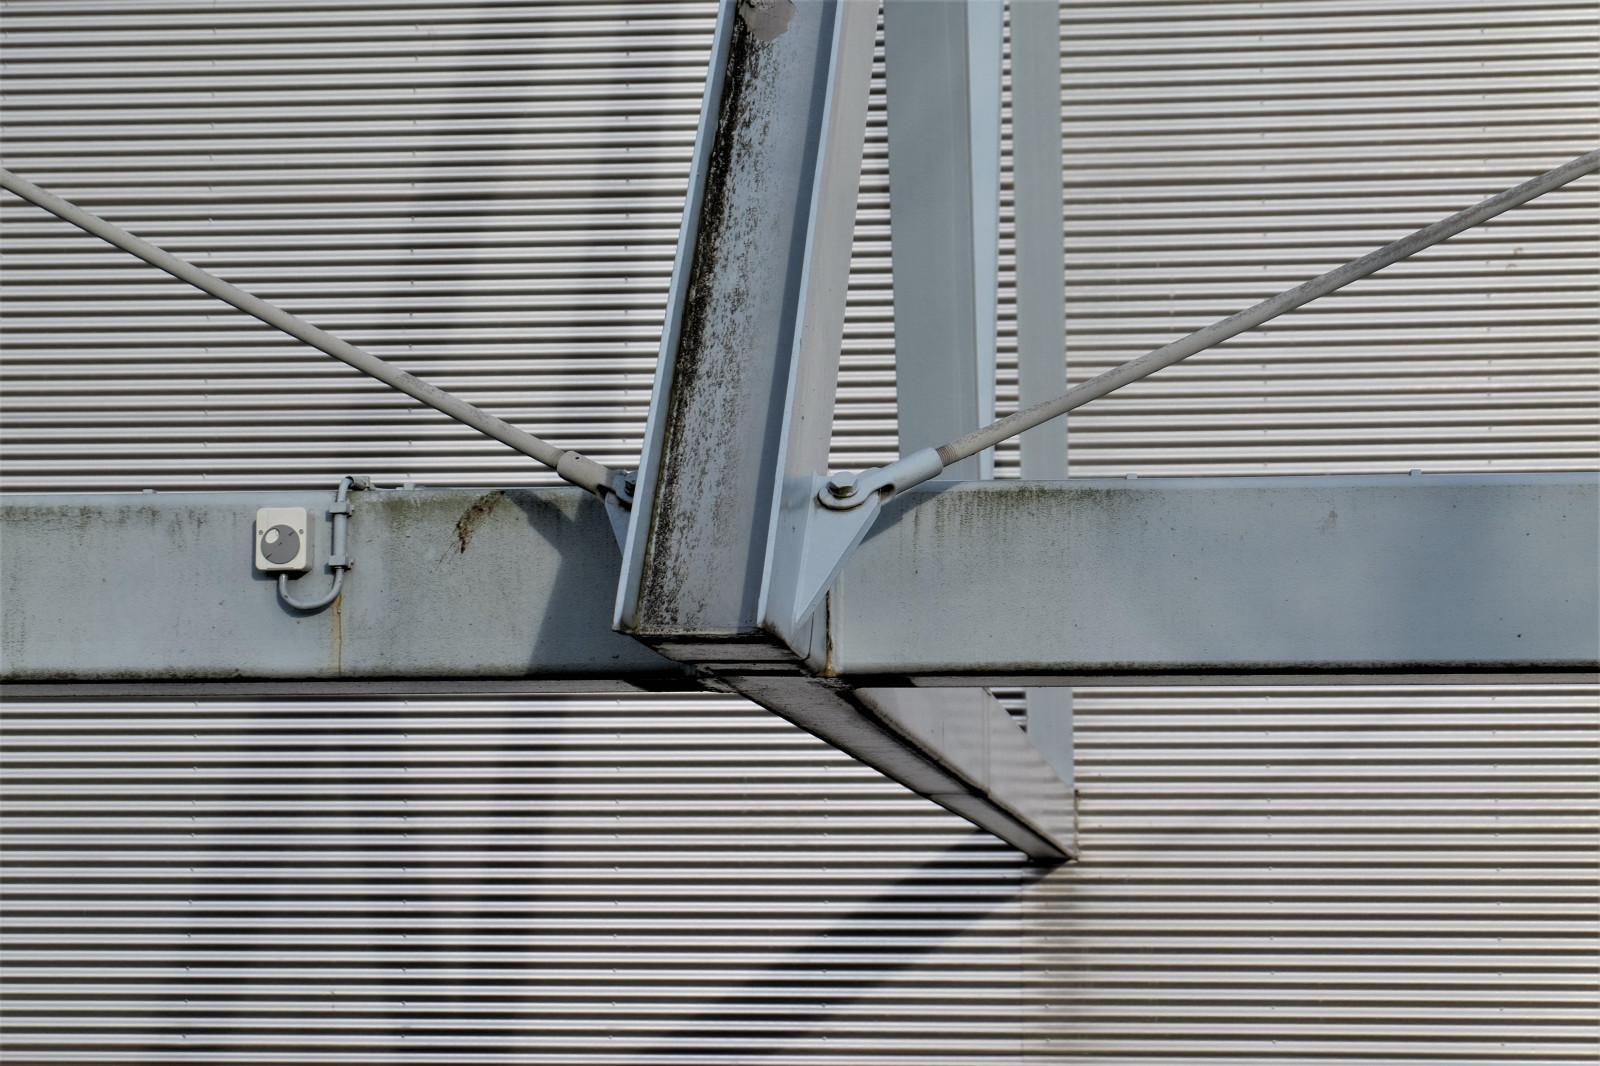 Fondos de pantalla : ventana, arquitectura, edificio, pared, casa ...